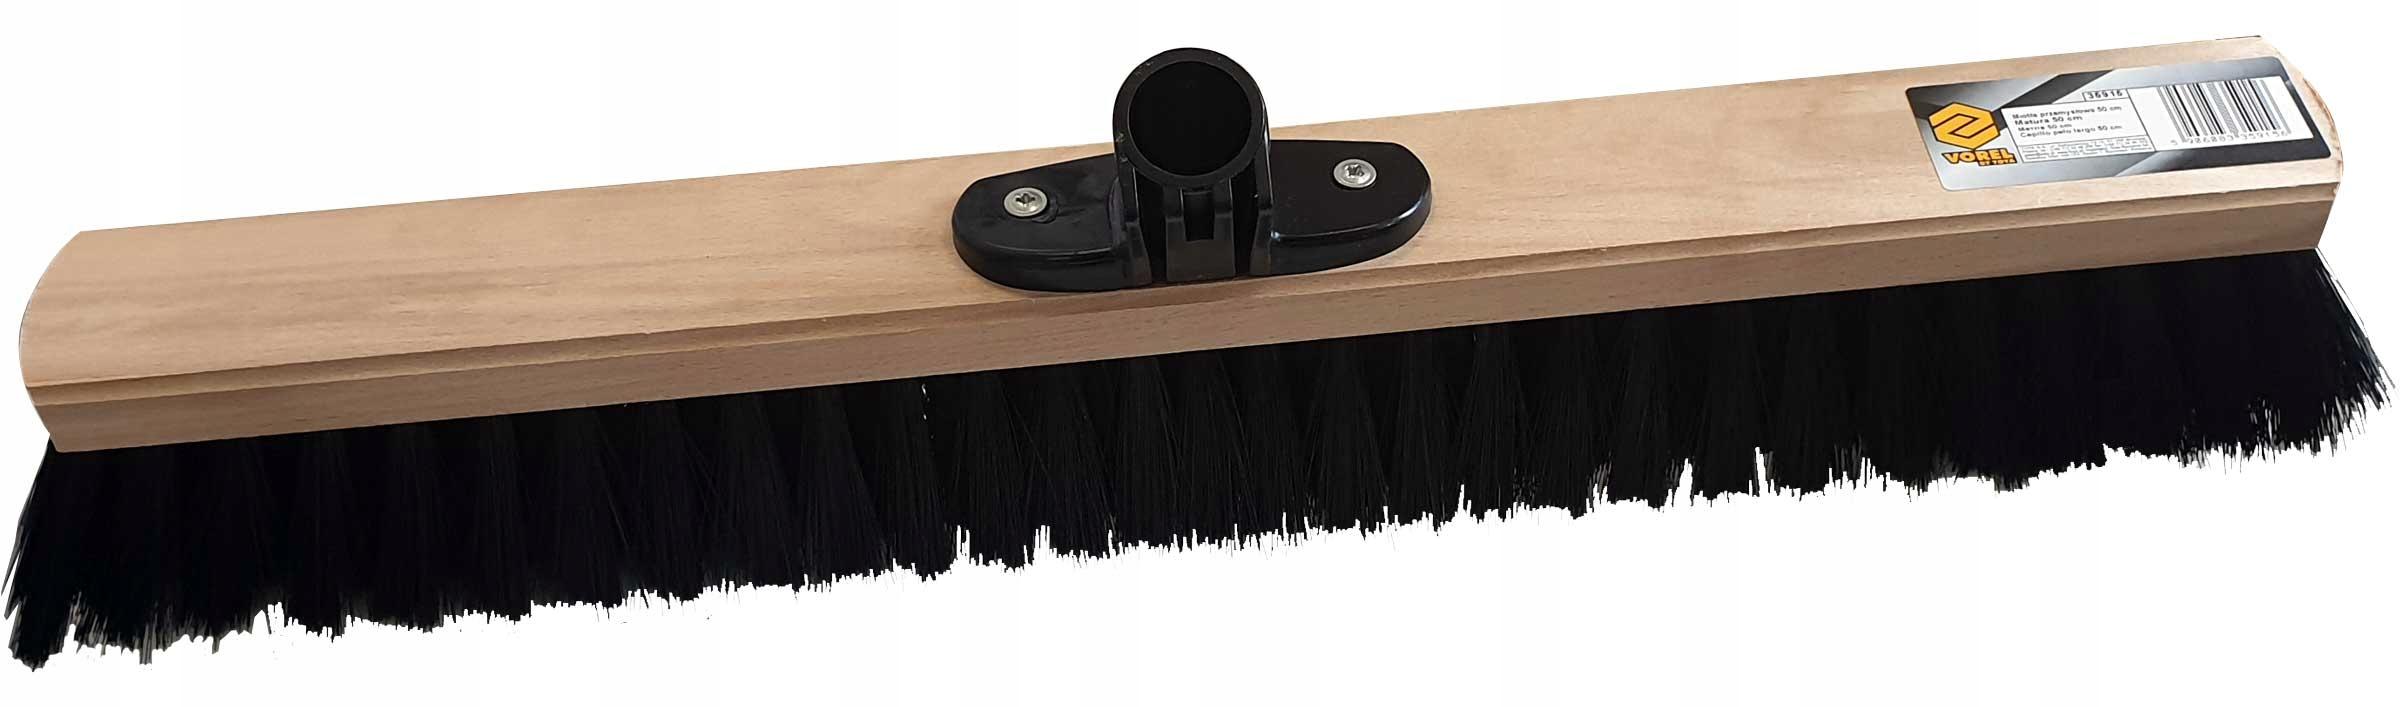 Промышленная щетка для подметания Broom 50 см